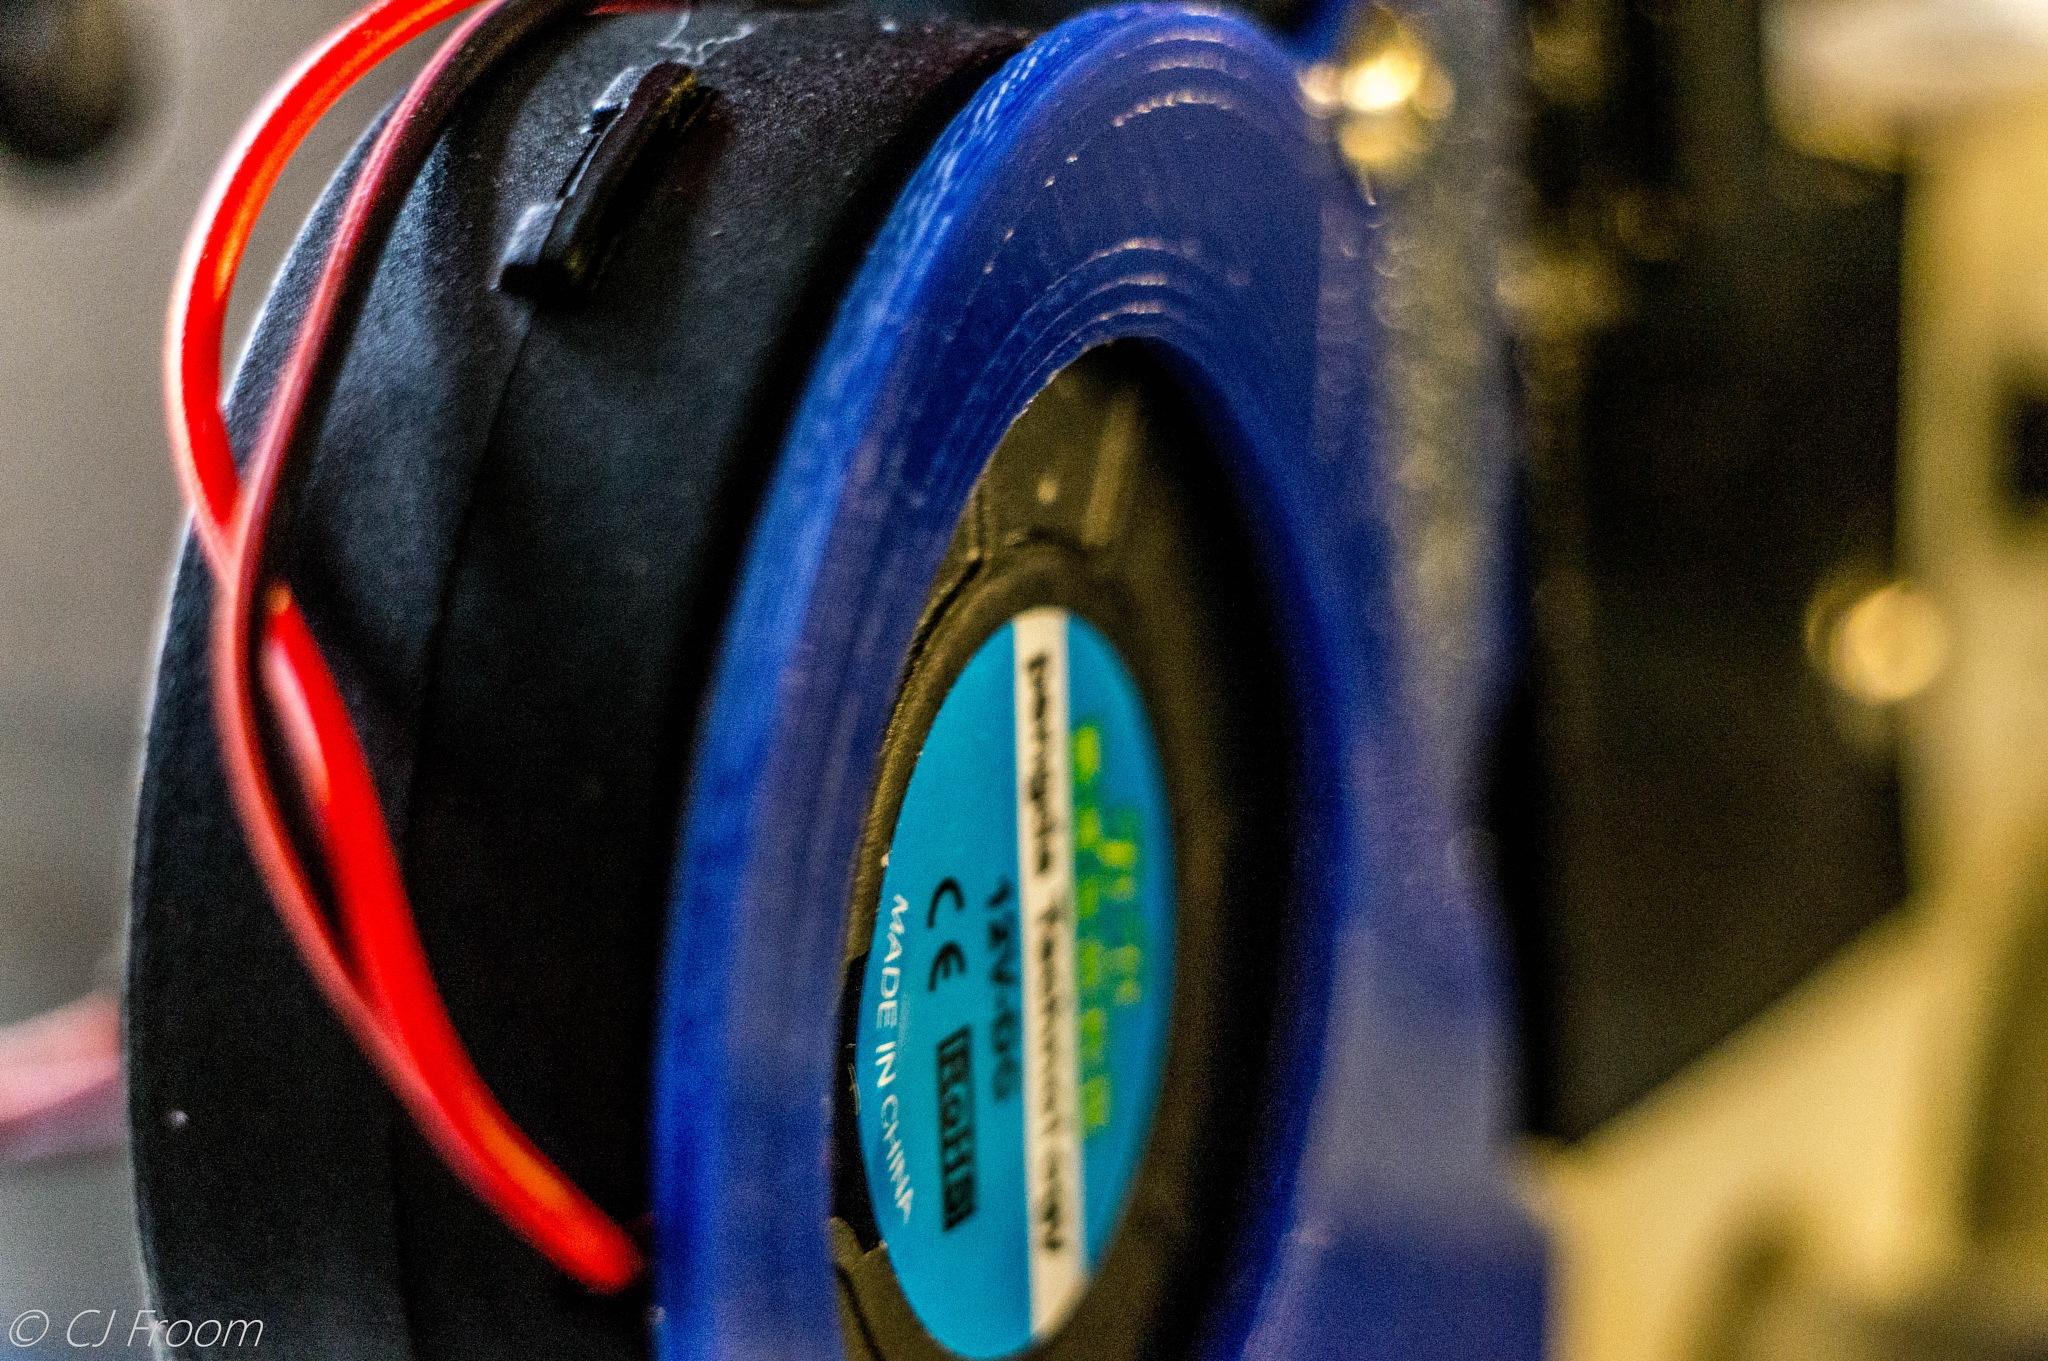 3D Printer Fan by Cj Froom